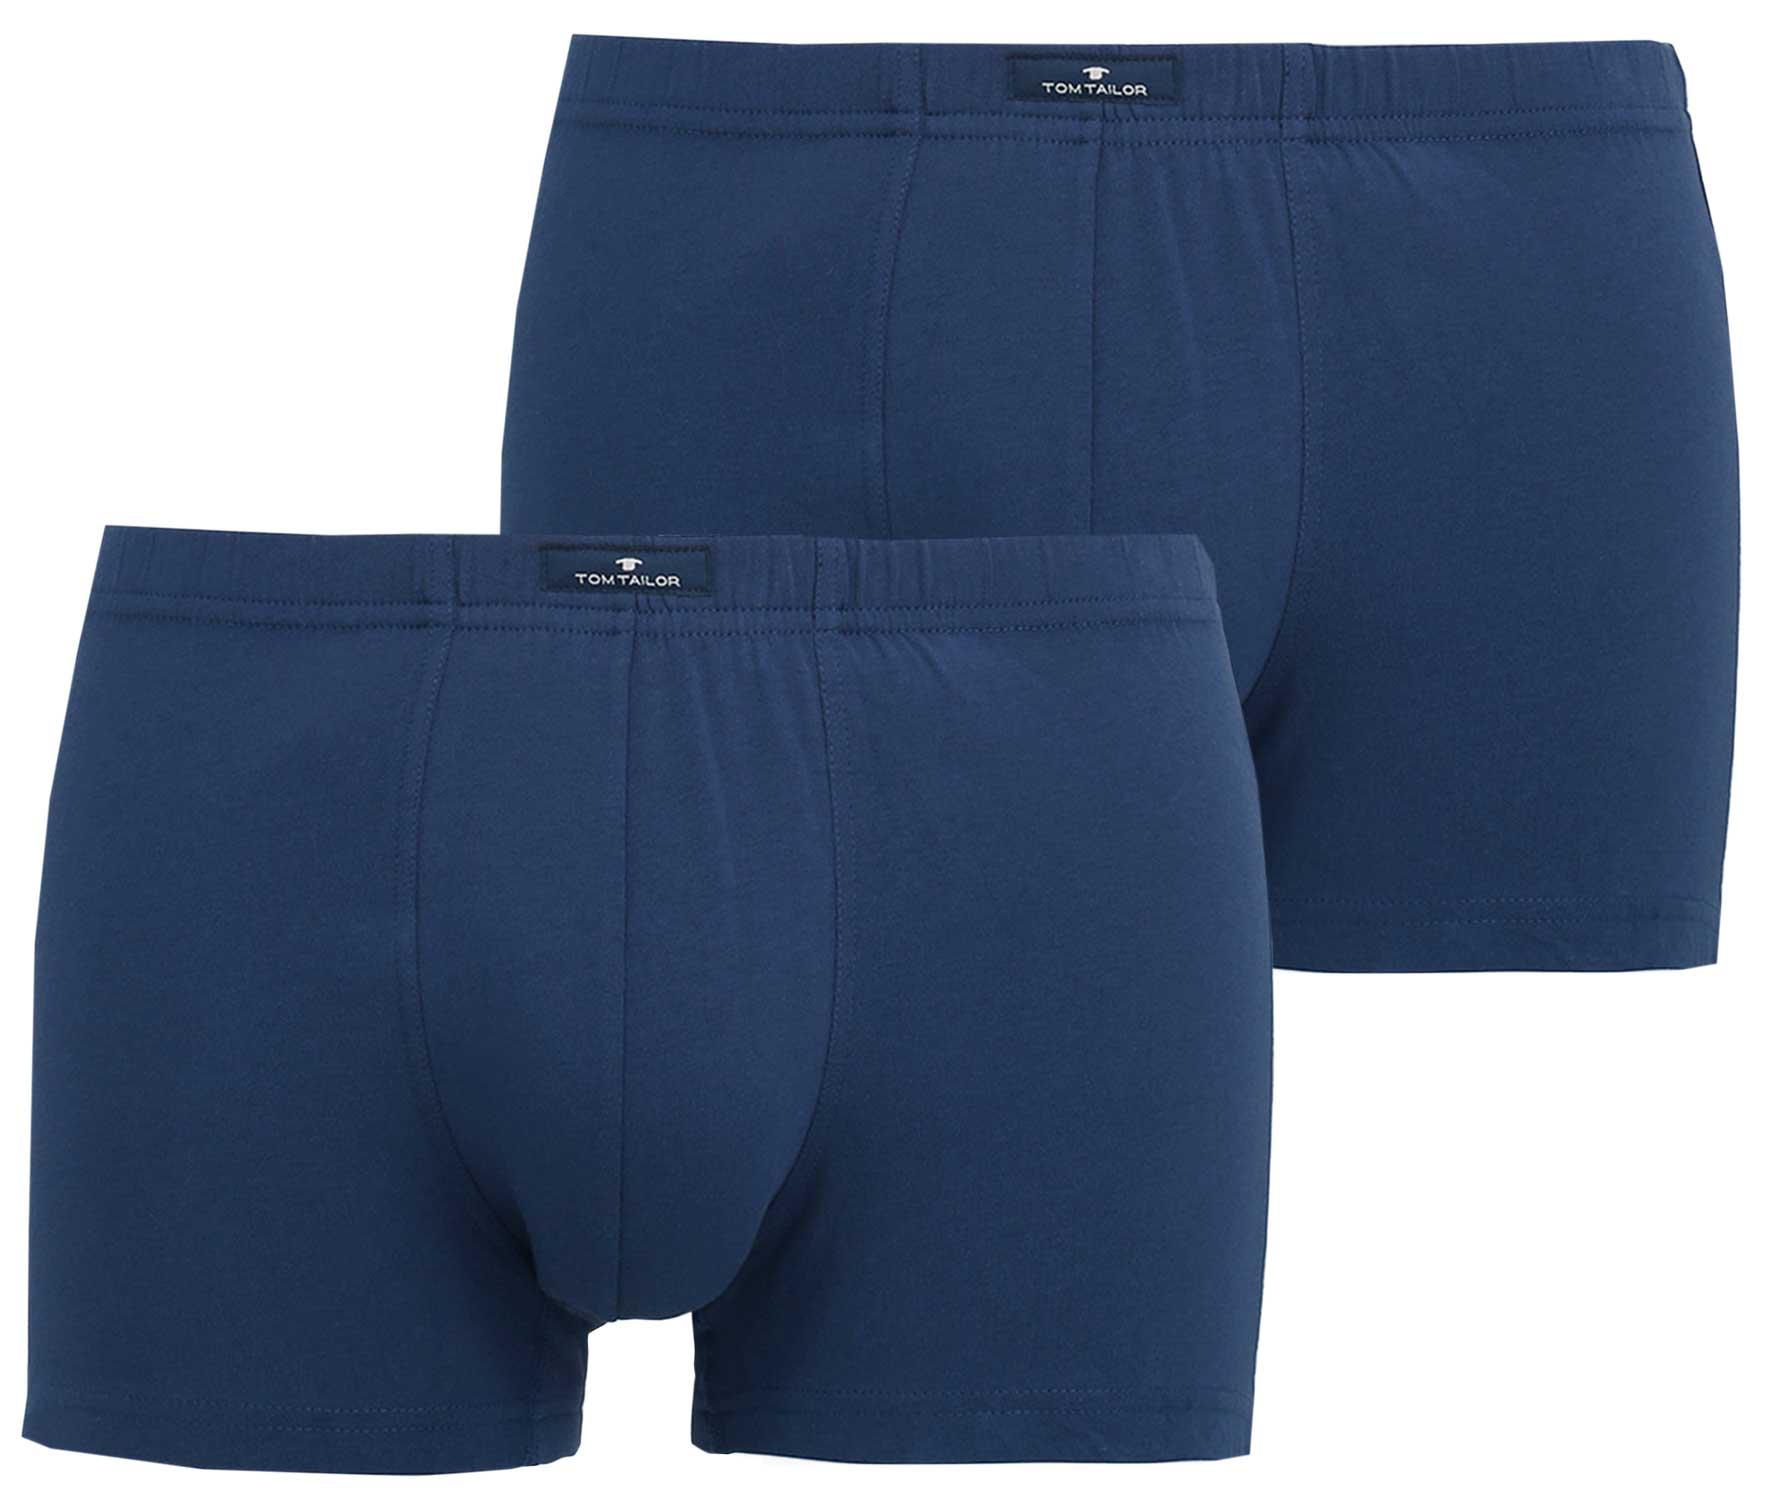 Adidas : Herrenbekleidung Online Shop,Männer Shorts,